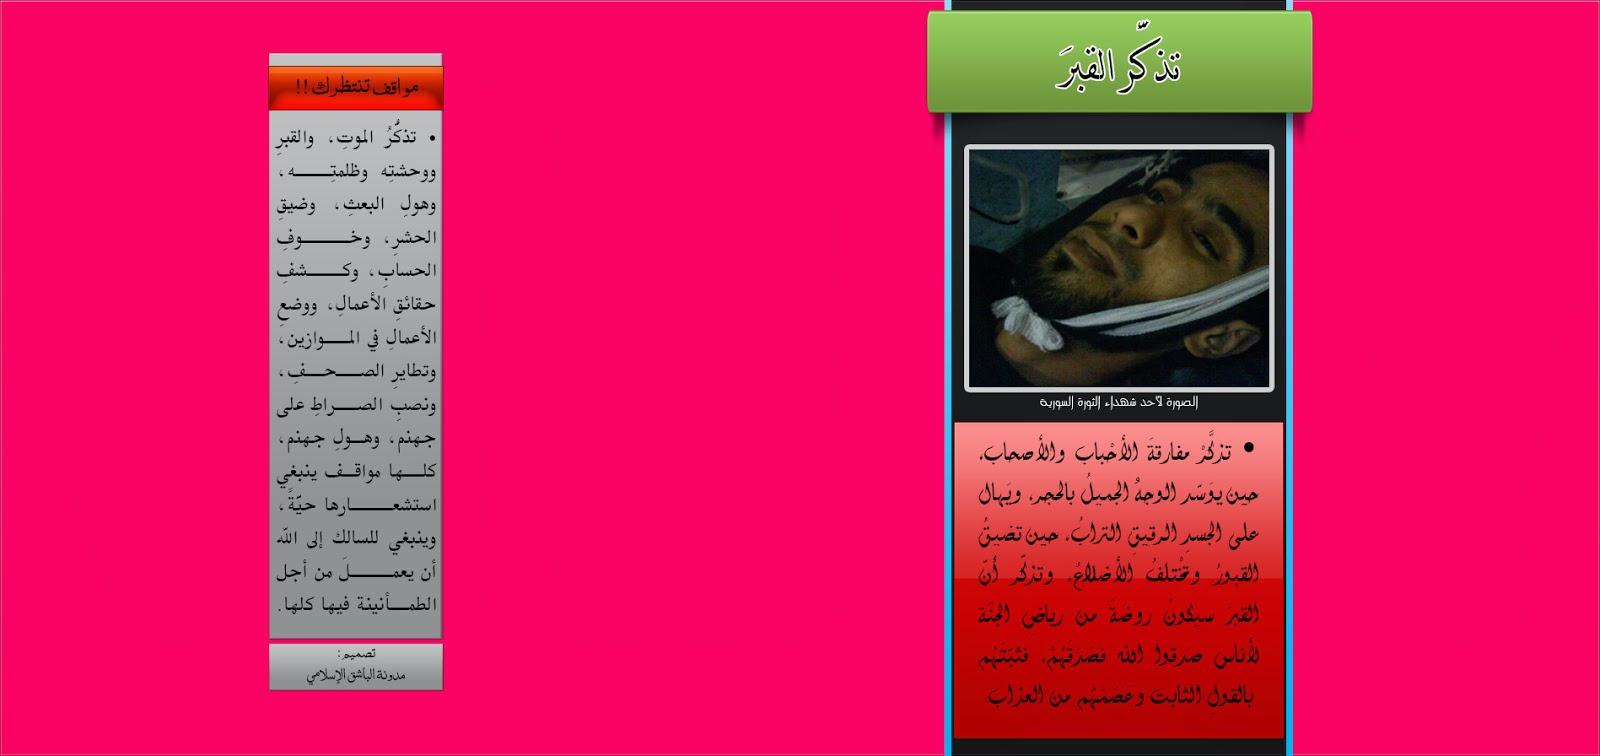 http://4.bp.blogspot.com/-iYQupD52Stk/UnC55H-mcXI/AAAAAAAAFbA/2C9A8sCCQc4/s1600/Free_Twitter_Background_7.jpg